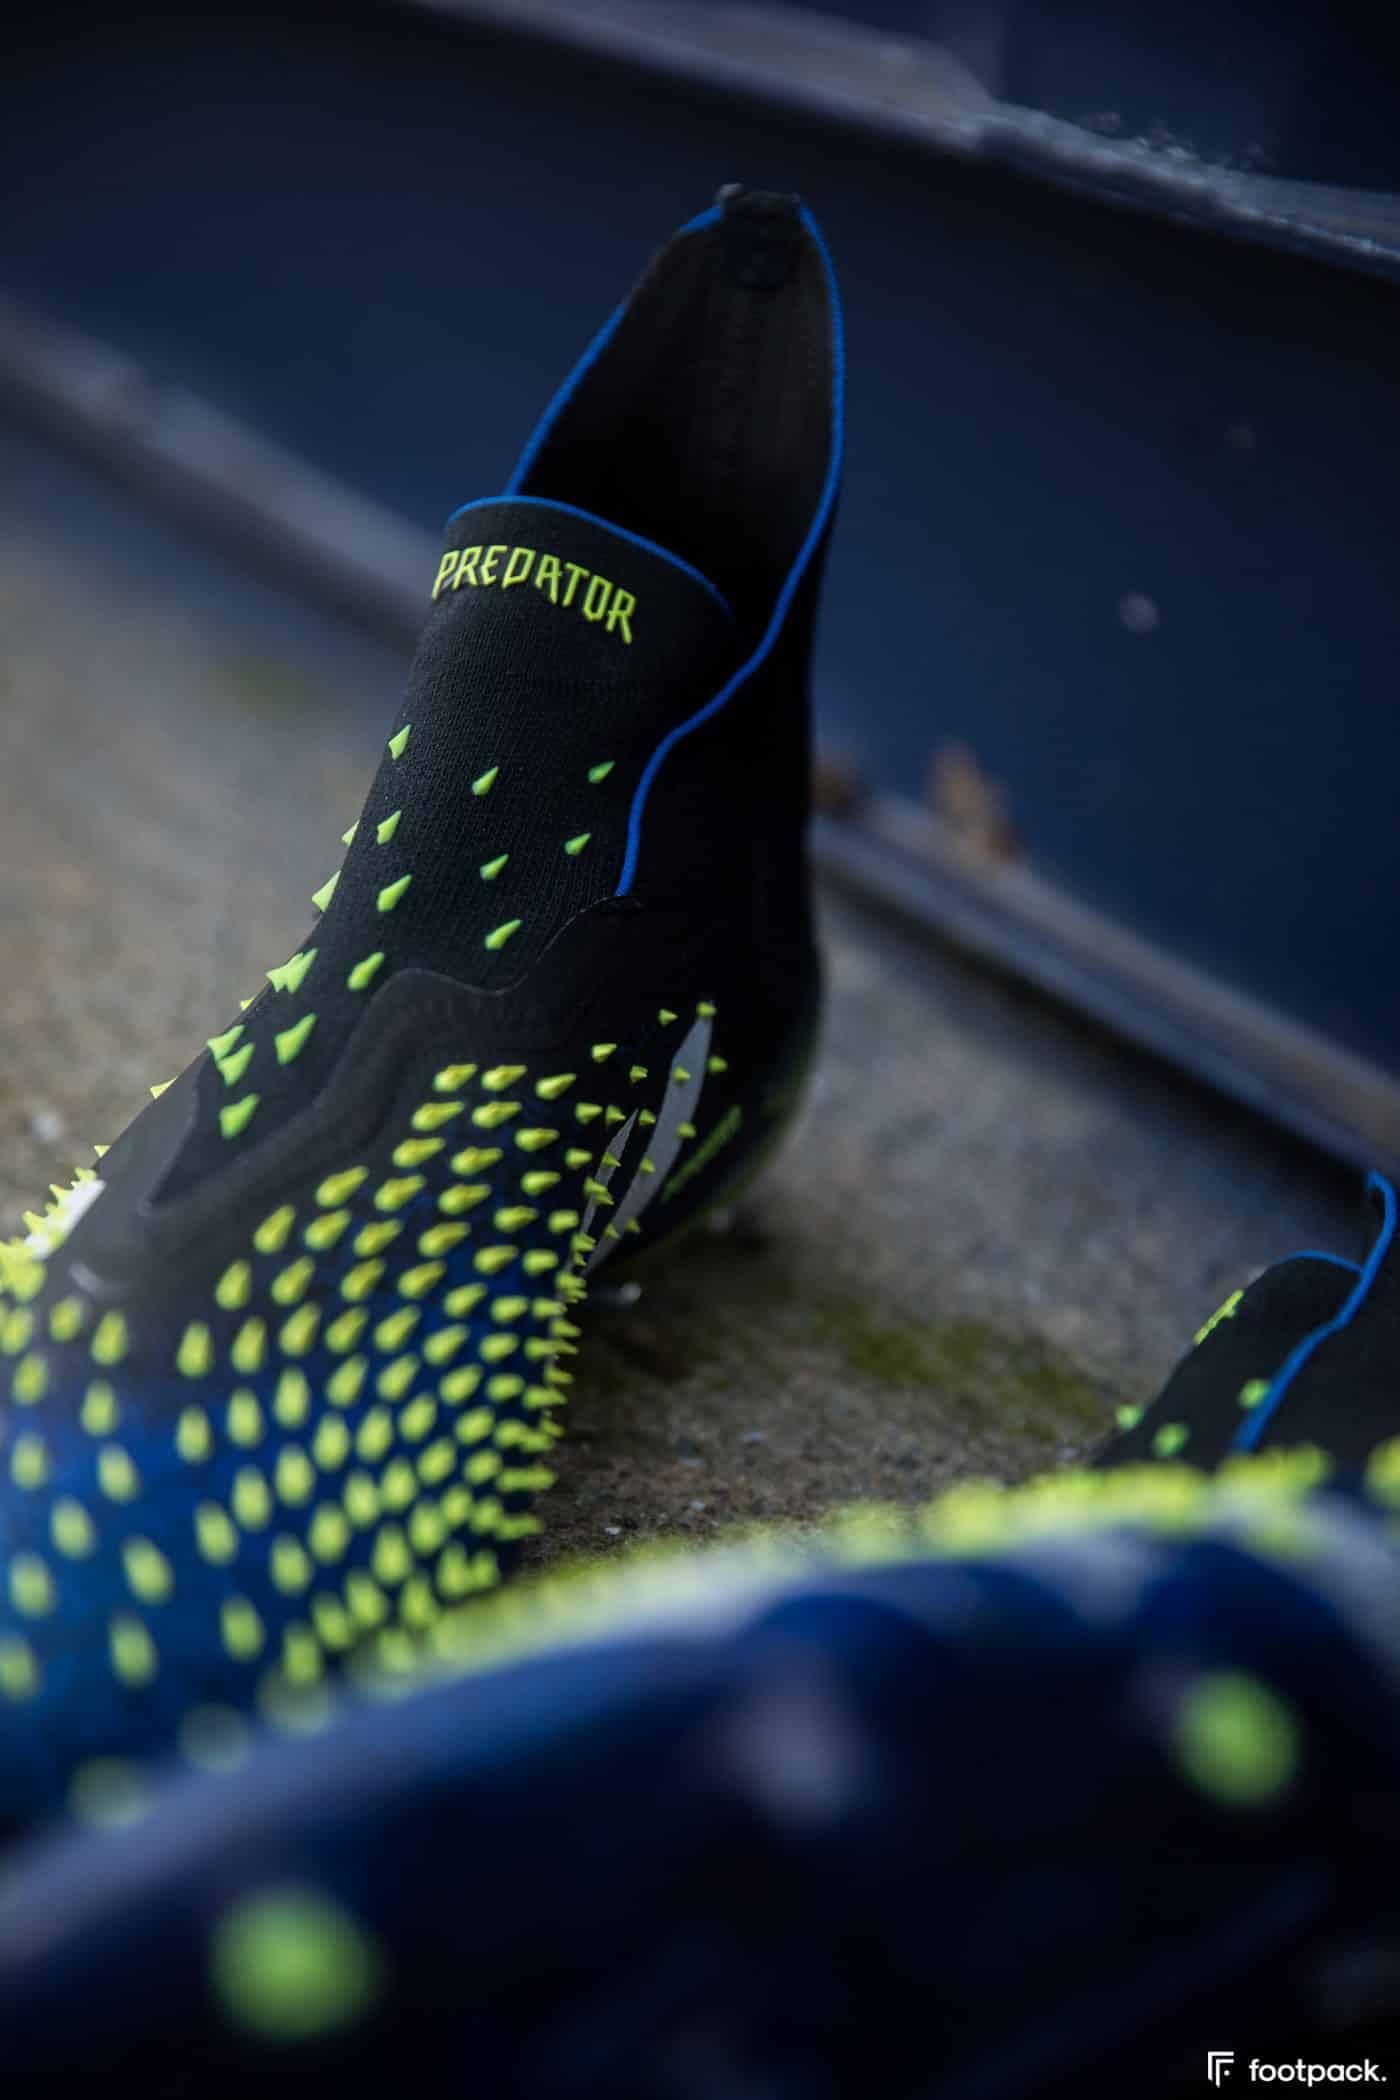 adidas-predator-freak-21-footpack-3